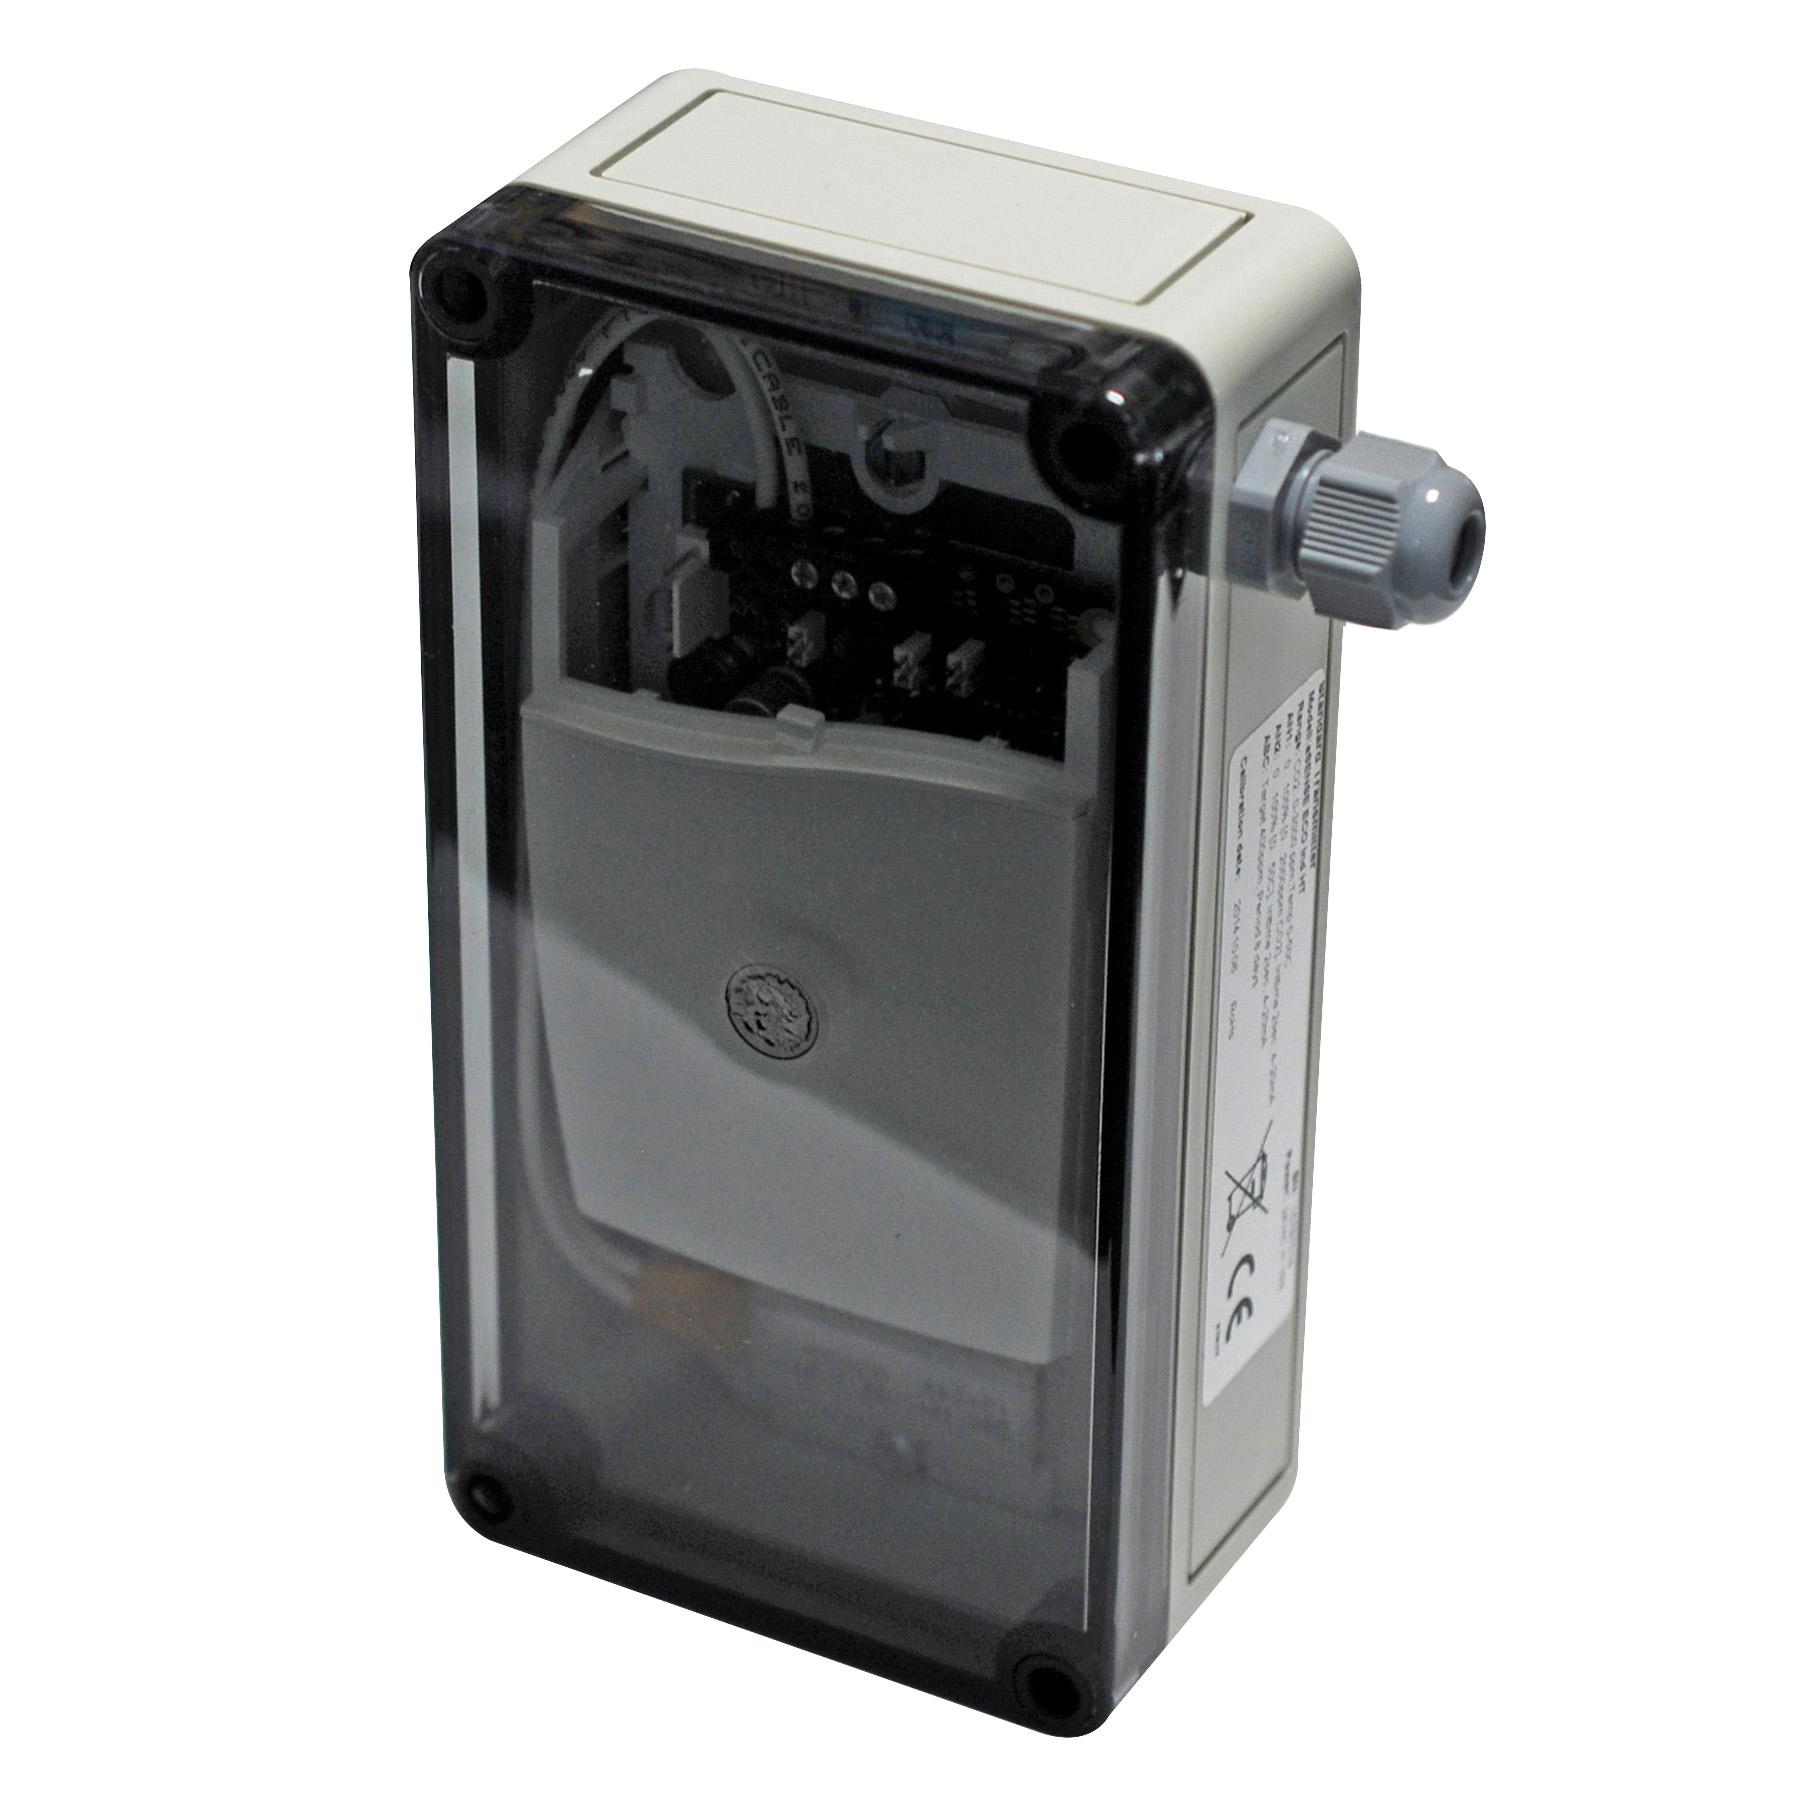 A/ASENSE-OUTDOOR - Outdoor Carbon Dioxide Sensor